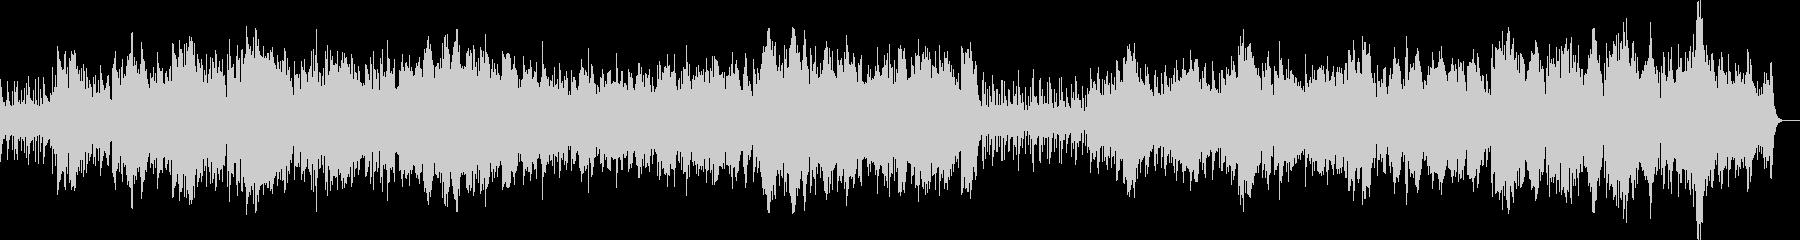 異世界ファンタジーRPGケルト音楽風の曲の未再生の波形